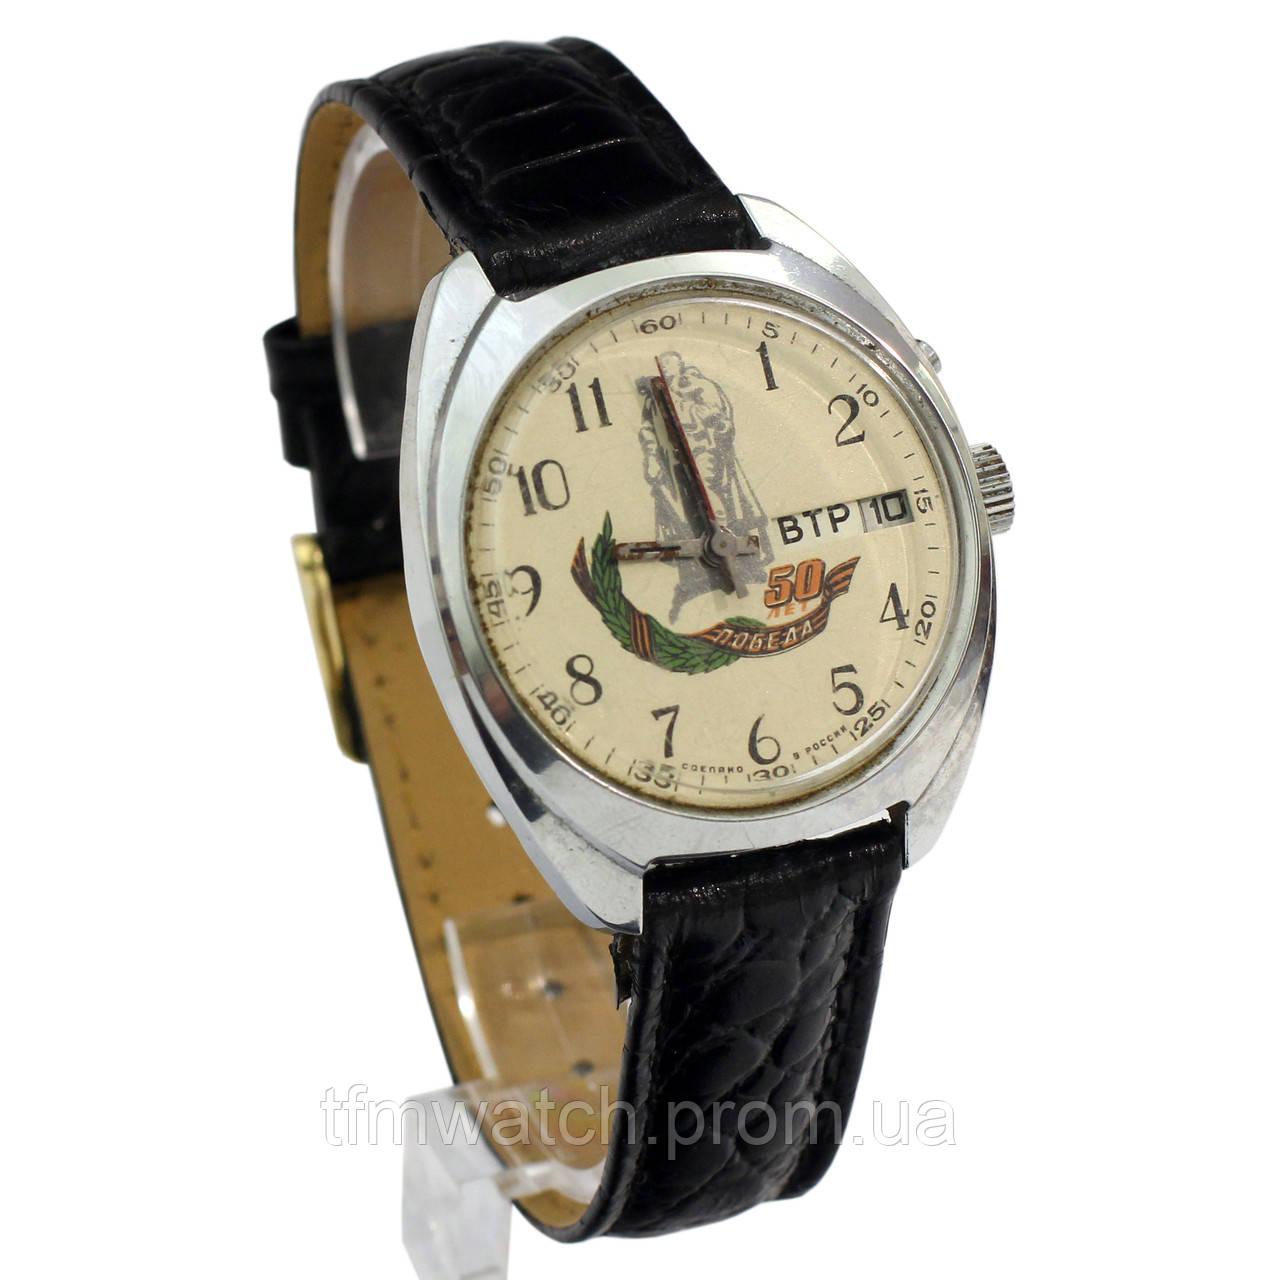 Часы Слава 50 лет победы